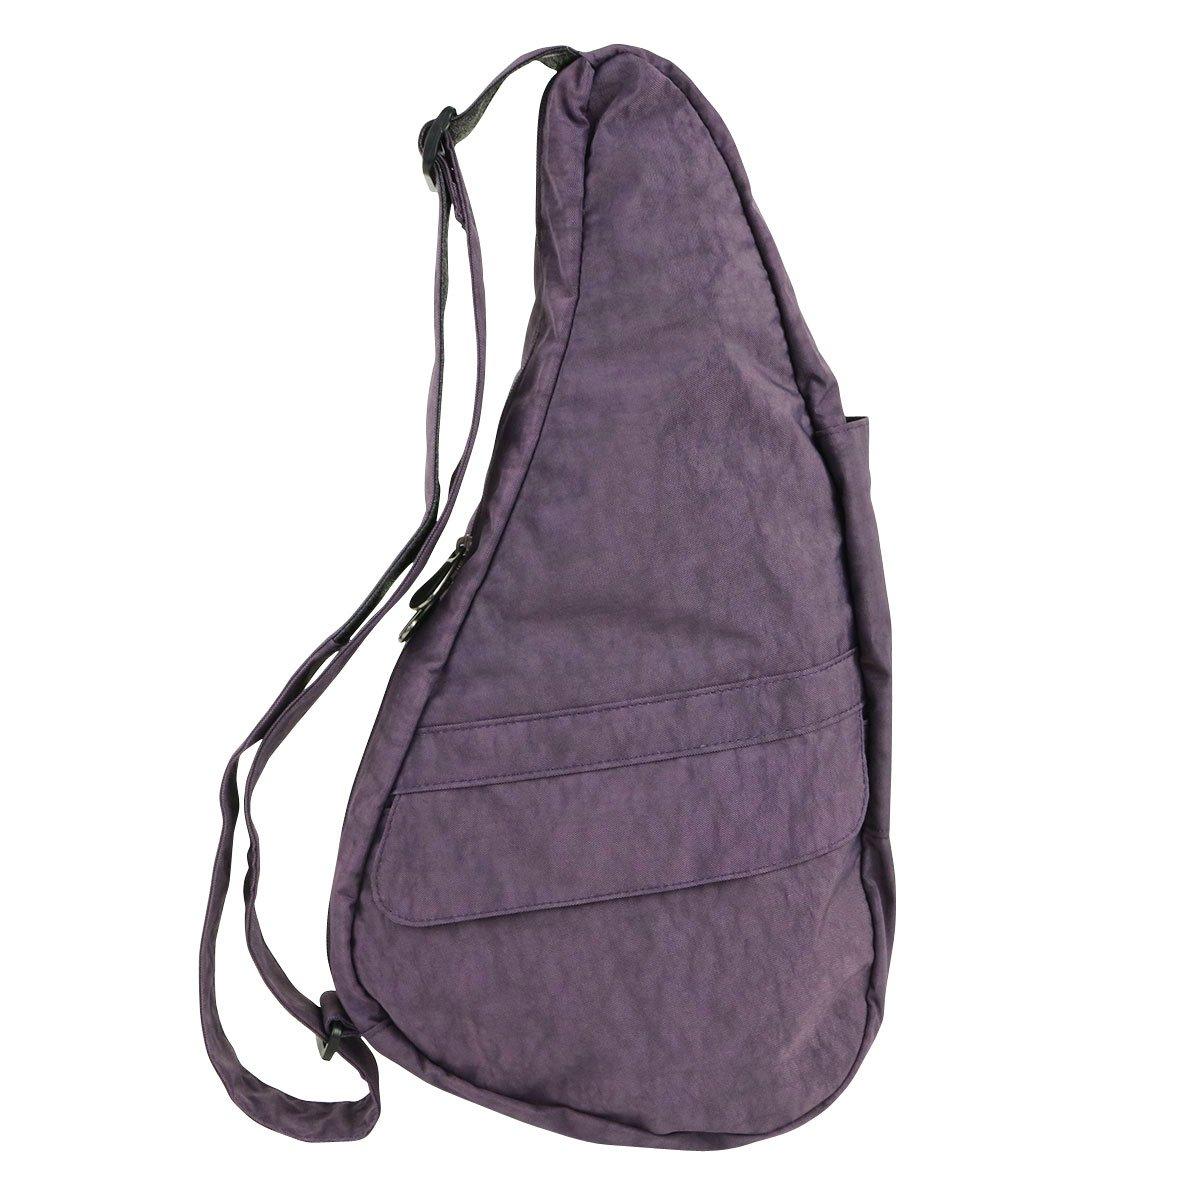 HEALTHY BACK BAG(ヘルシーバックバッグ)テクスチャードナイロン Sサイズ (プラム) B010F5ATXW